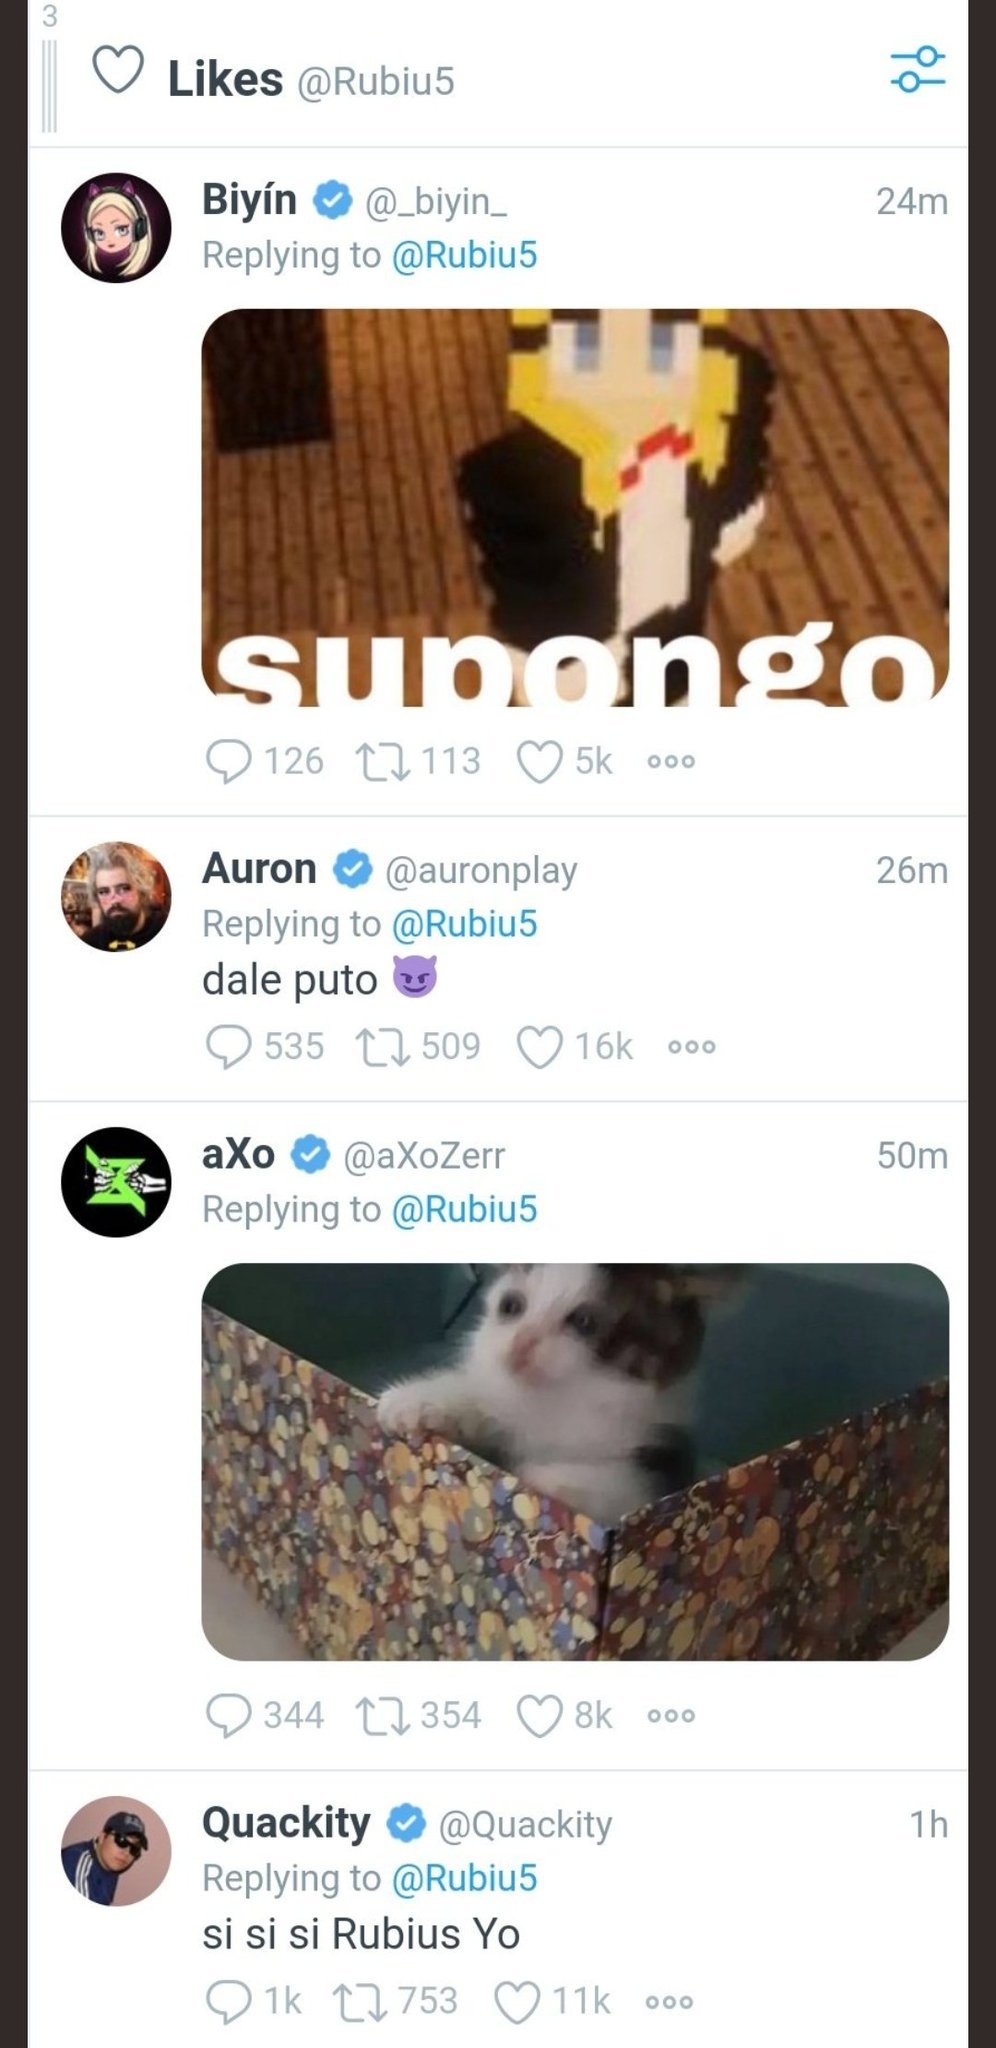 Rubius Twitter